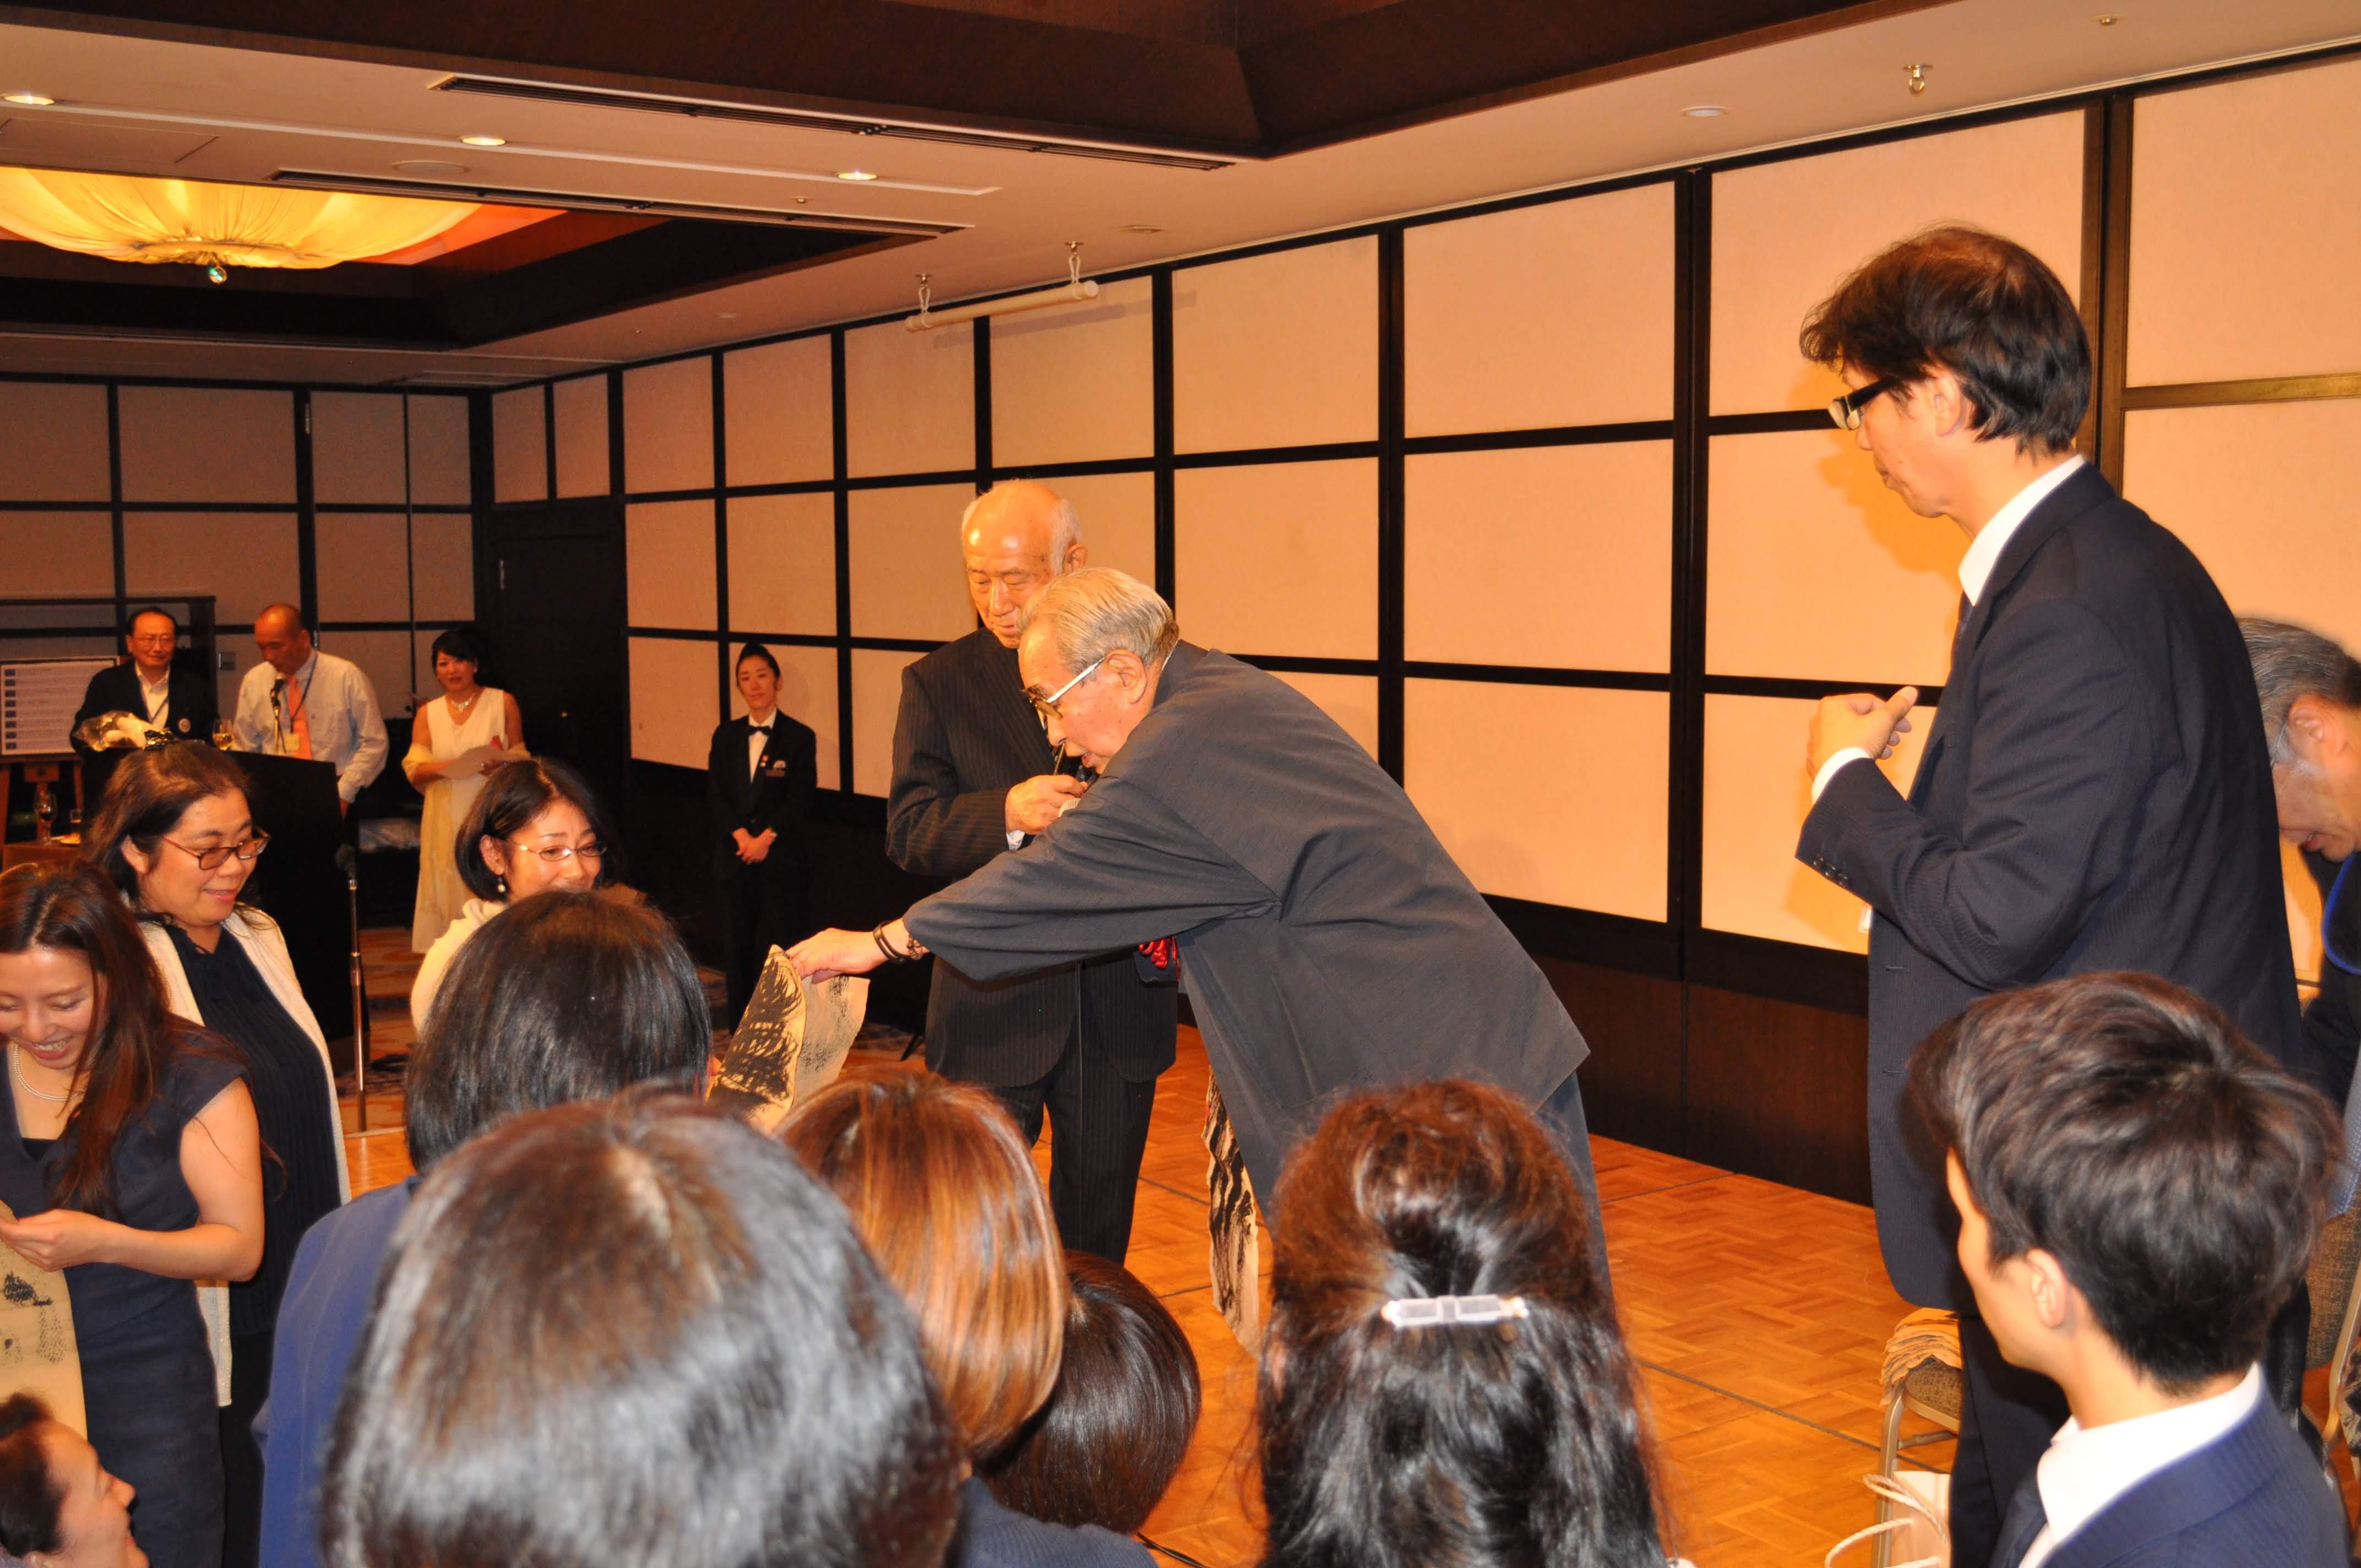 DSC 0587 1 - 思風会全国大会in広島